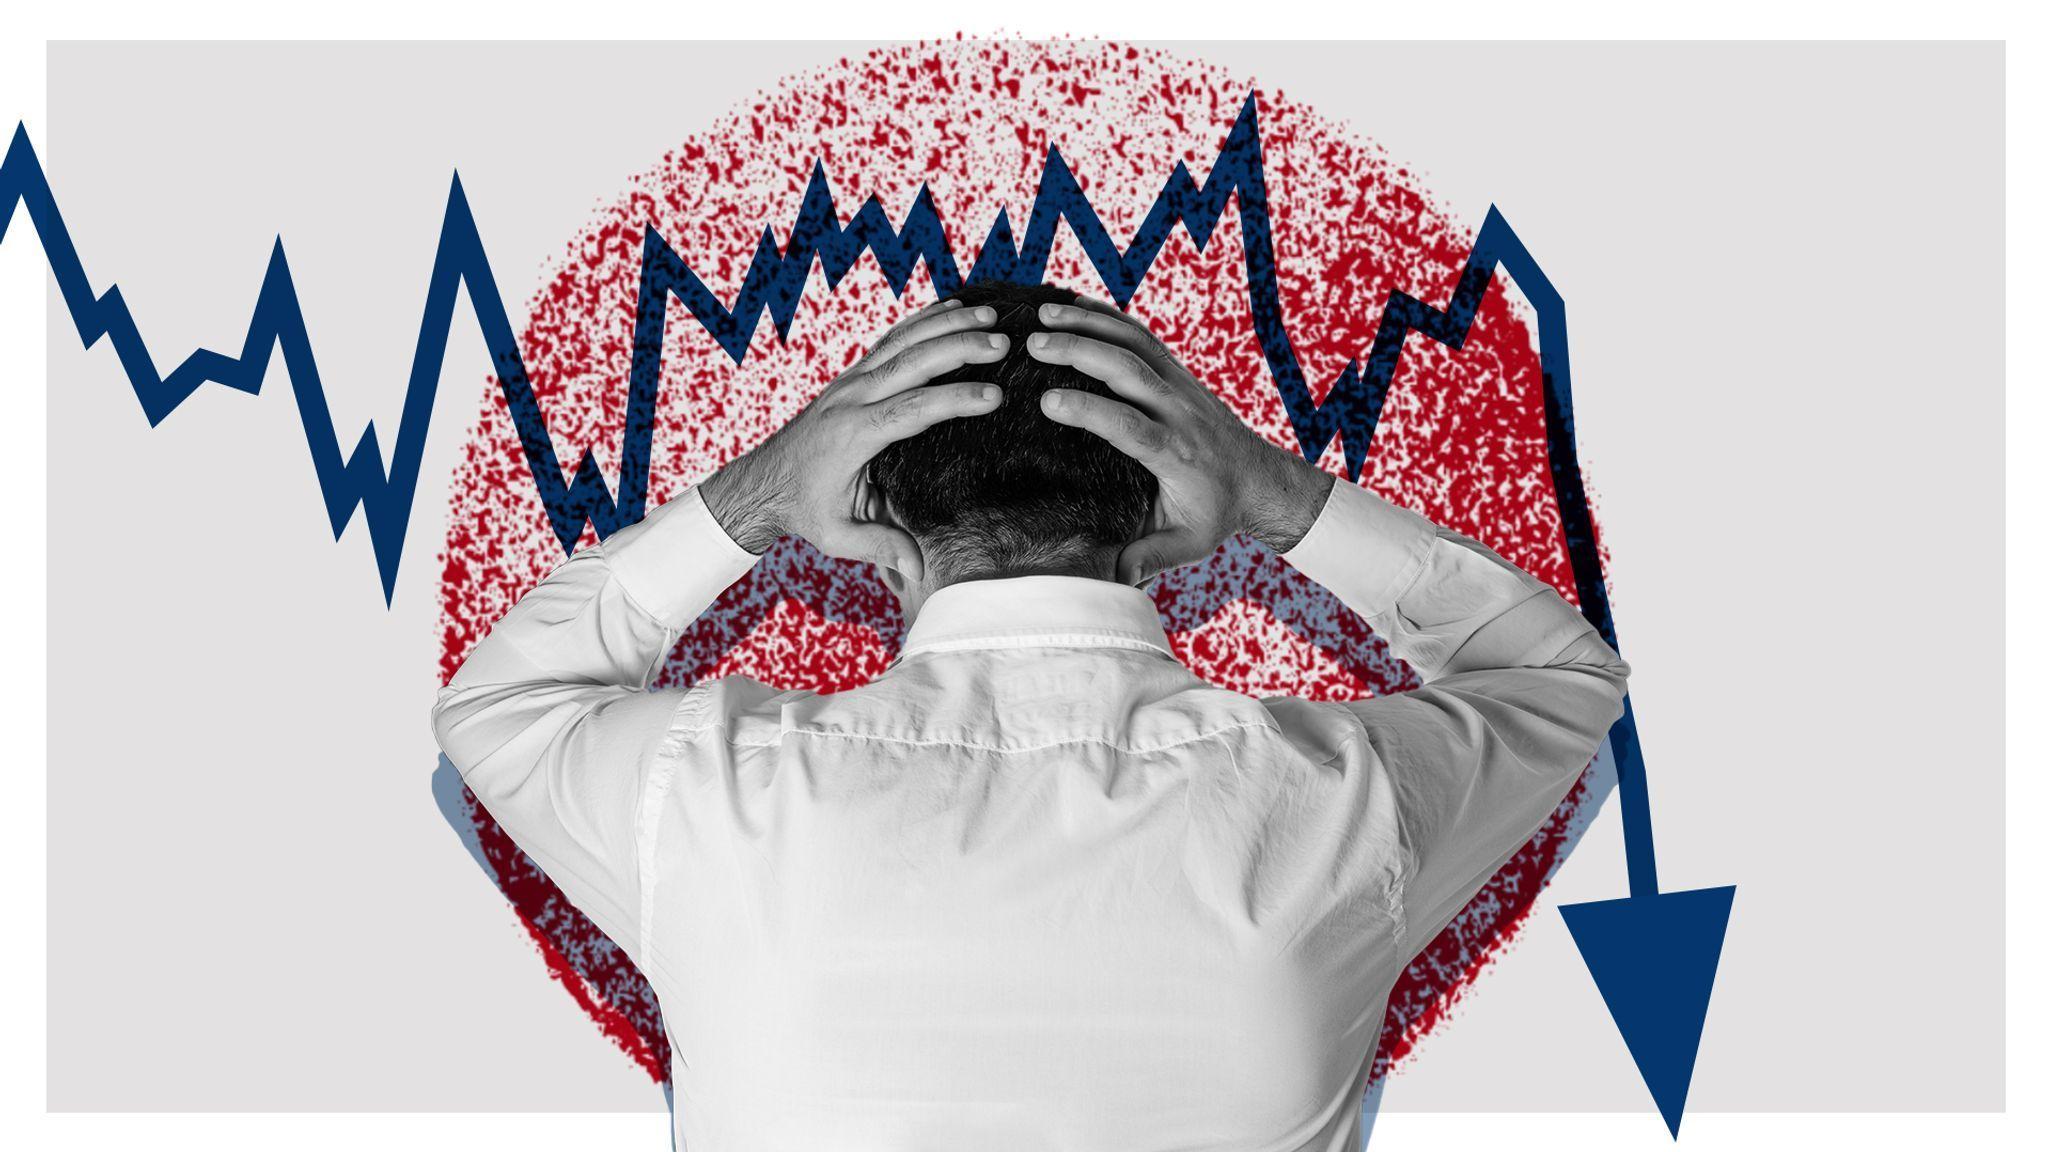 """Thị trường chứng khoán không thể tiếp tục """"giả vờ"""" rằng năm 2020 sẽ không bao giờ lặp lại"""